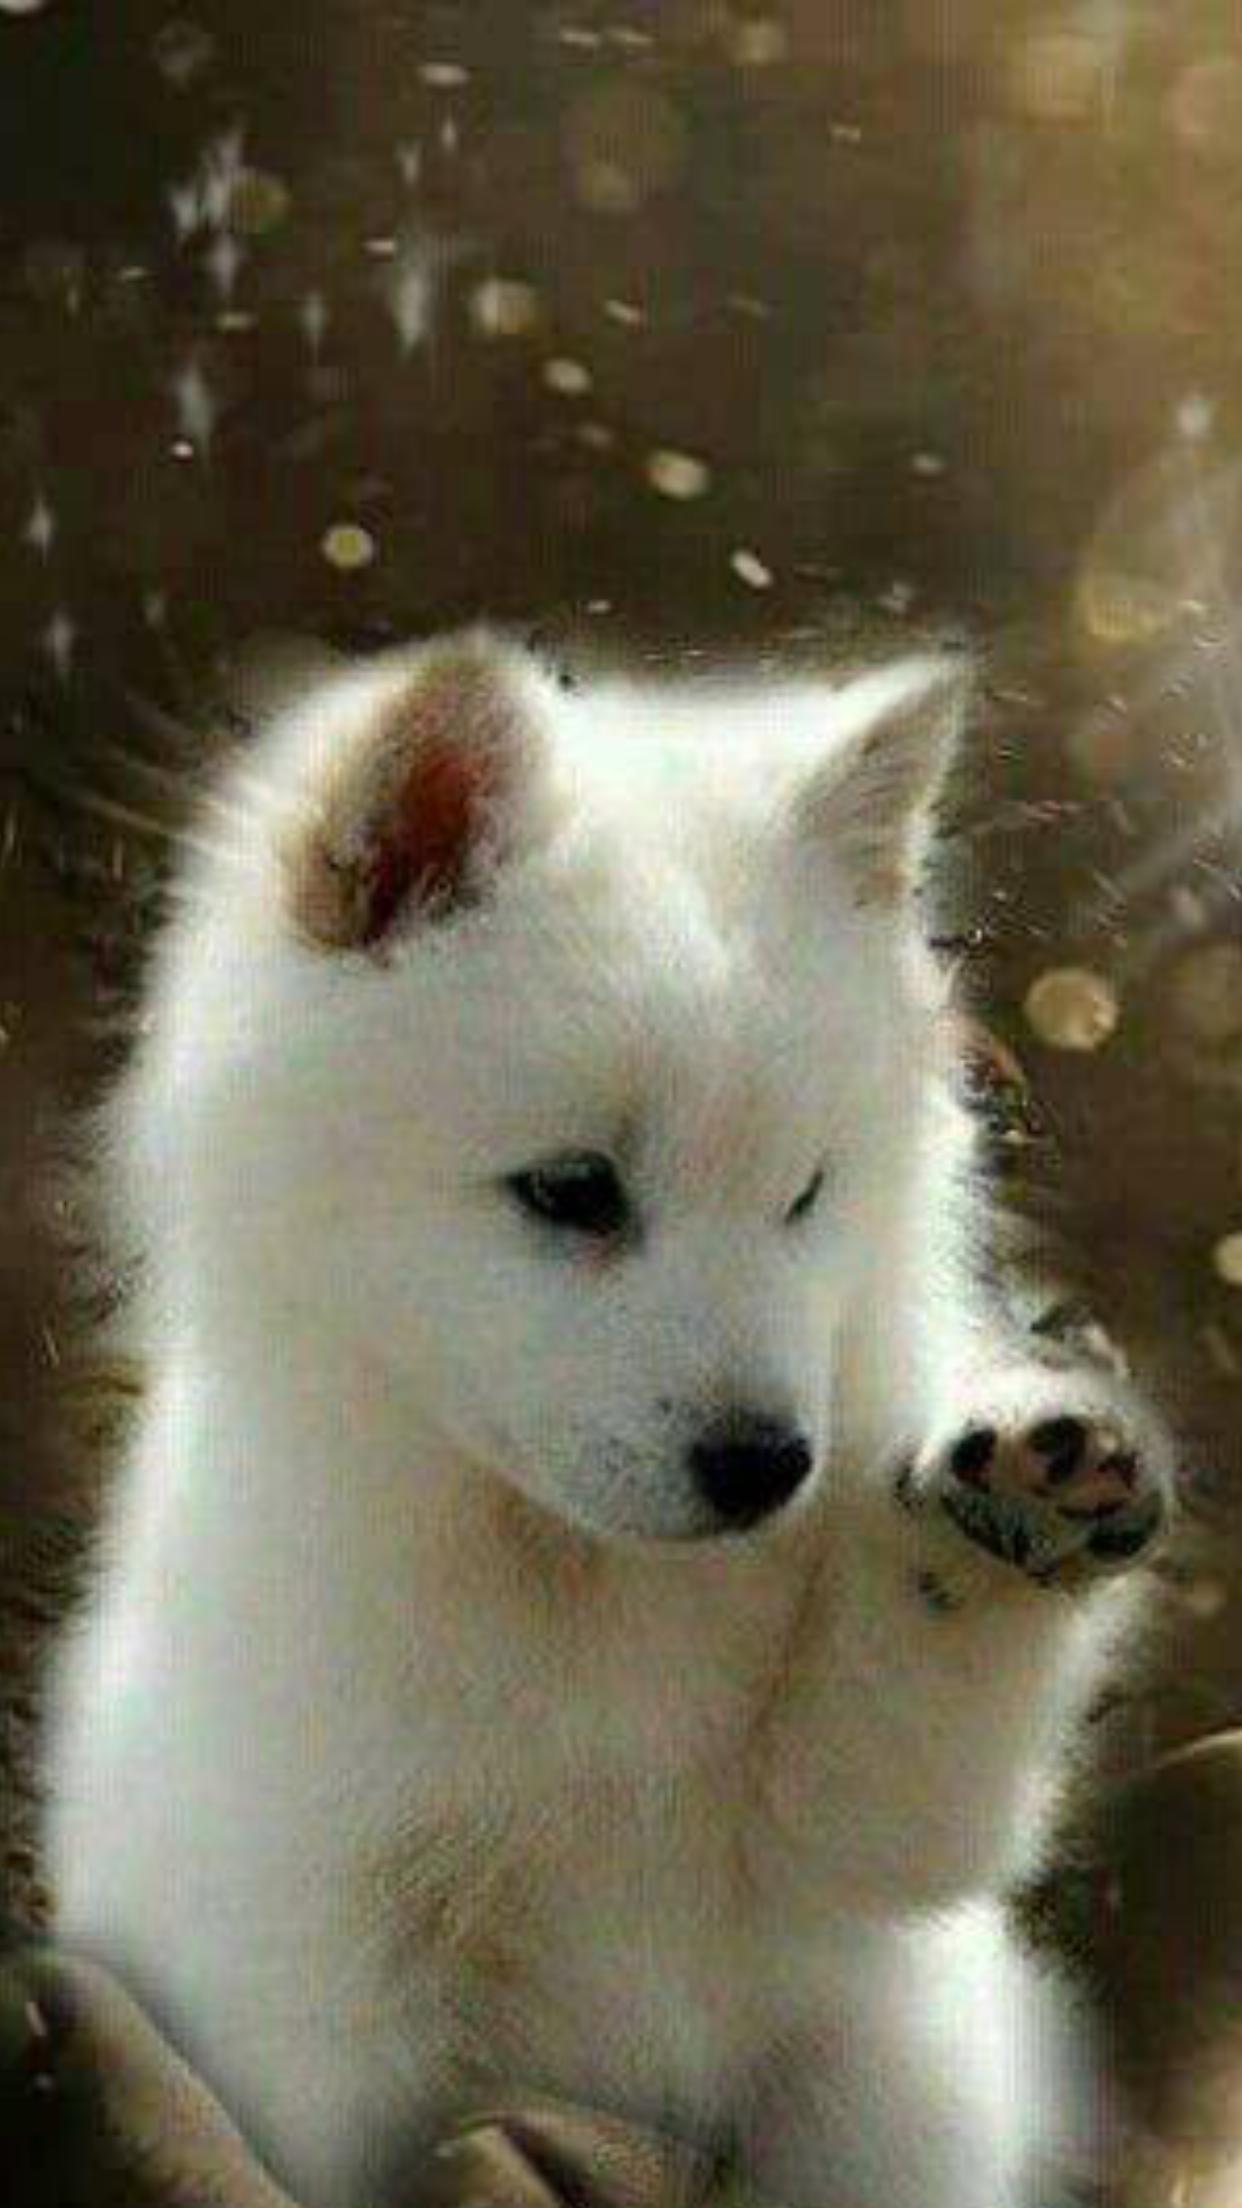 Lustige Hunde Und Katzen Bilder Für Whatsapp - Lustige Hunde Und Katzen Bilder Für Whatsapp